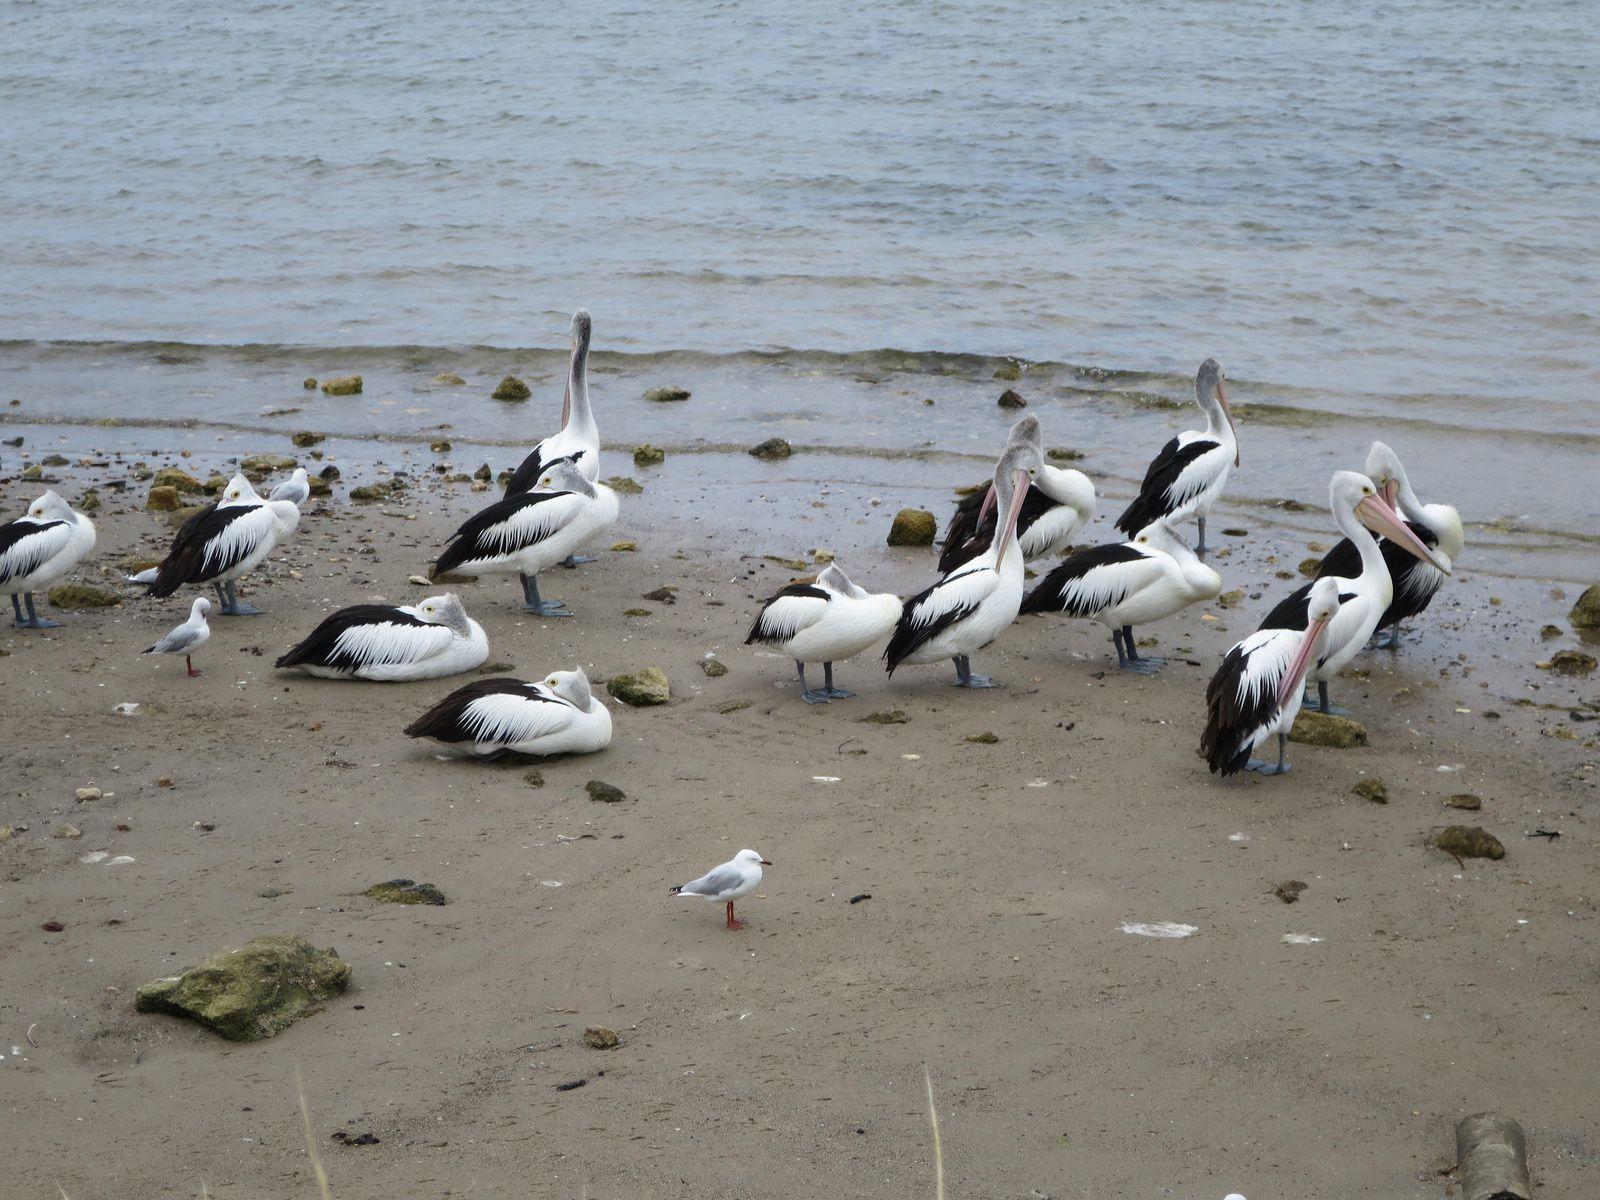 Beaucoup d'oiseaux parmi les pélicans. Présence de cygnes noirs. Ph. Delahaye.